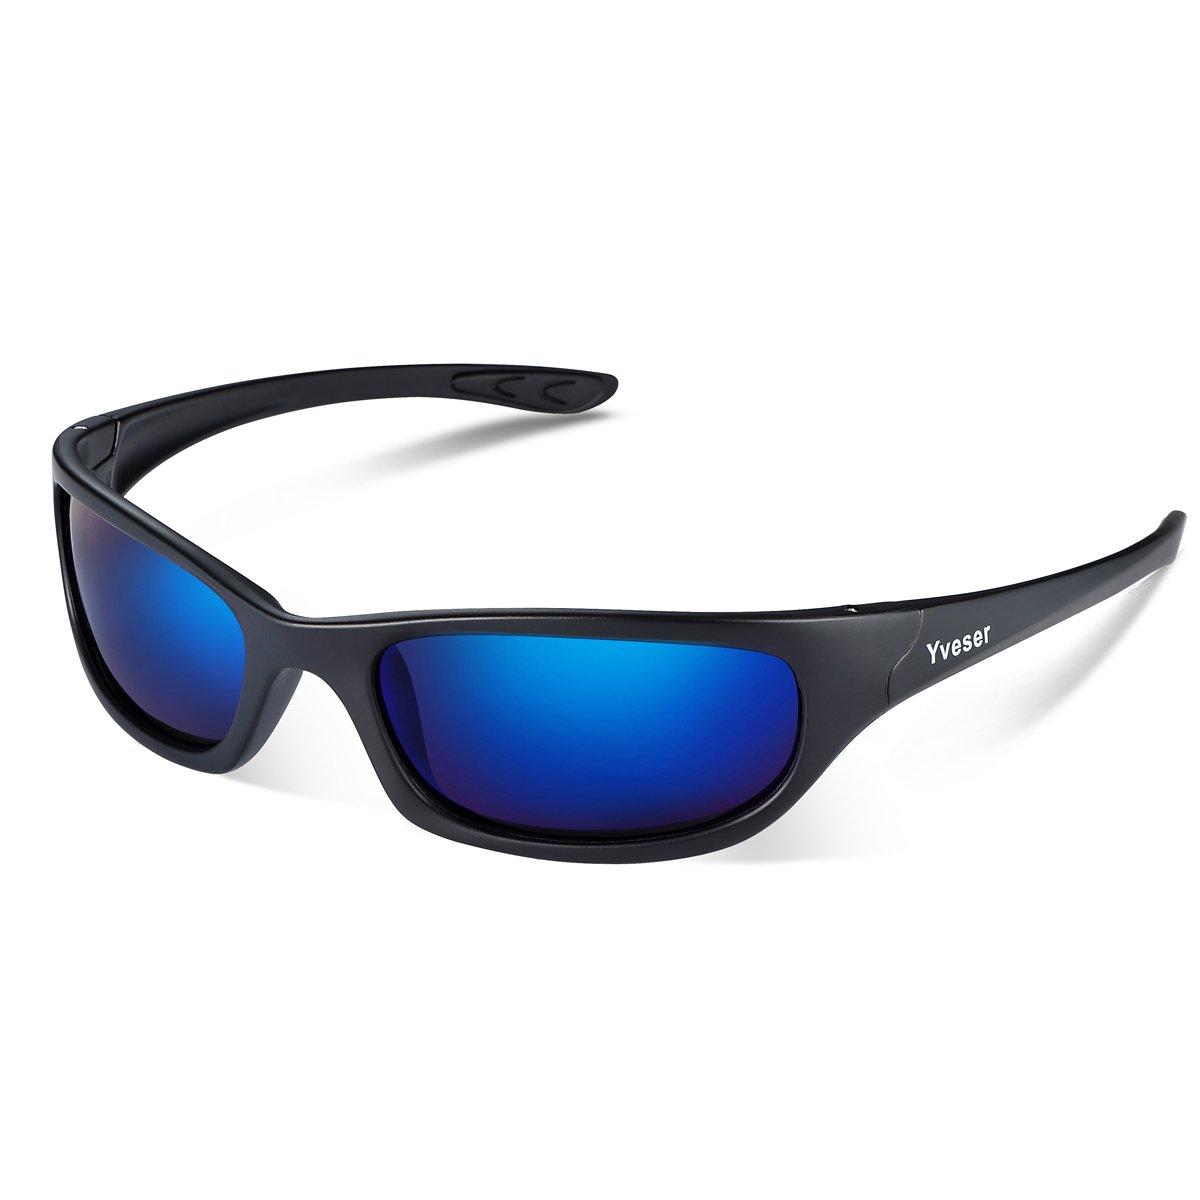 Yveser Hombre Gafas de Sol Deportivas polarizadas UV400 para béisbol, Atletismo, Ciclismo, Pesca, esquí, Excursionismo, Golf Yv148